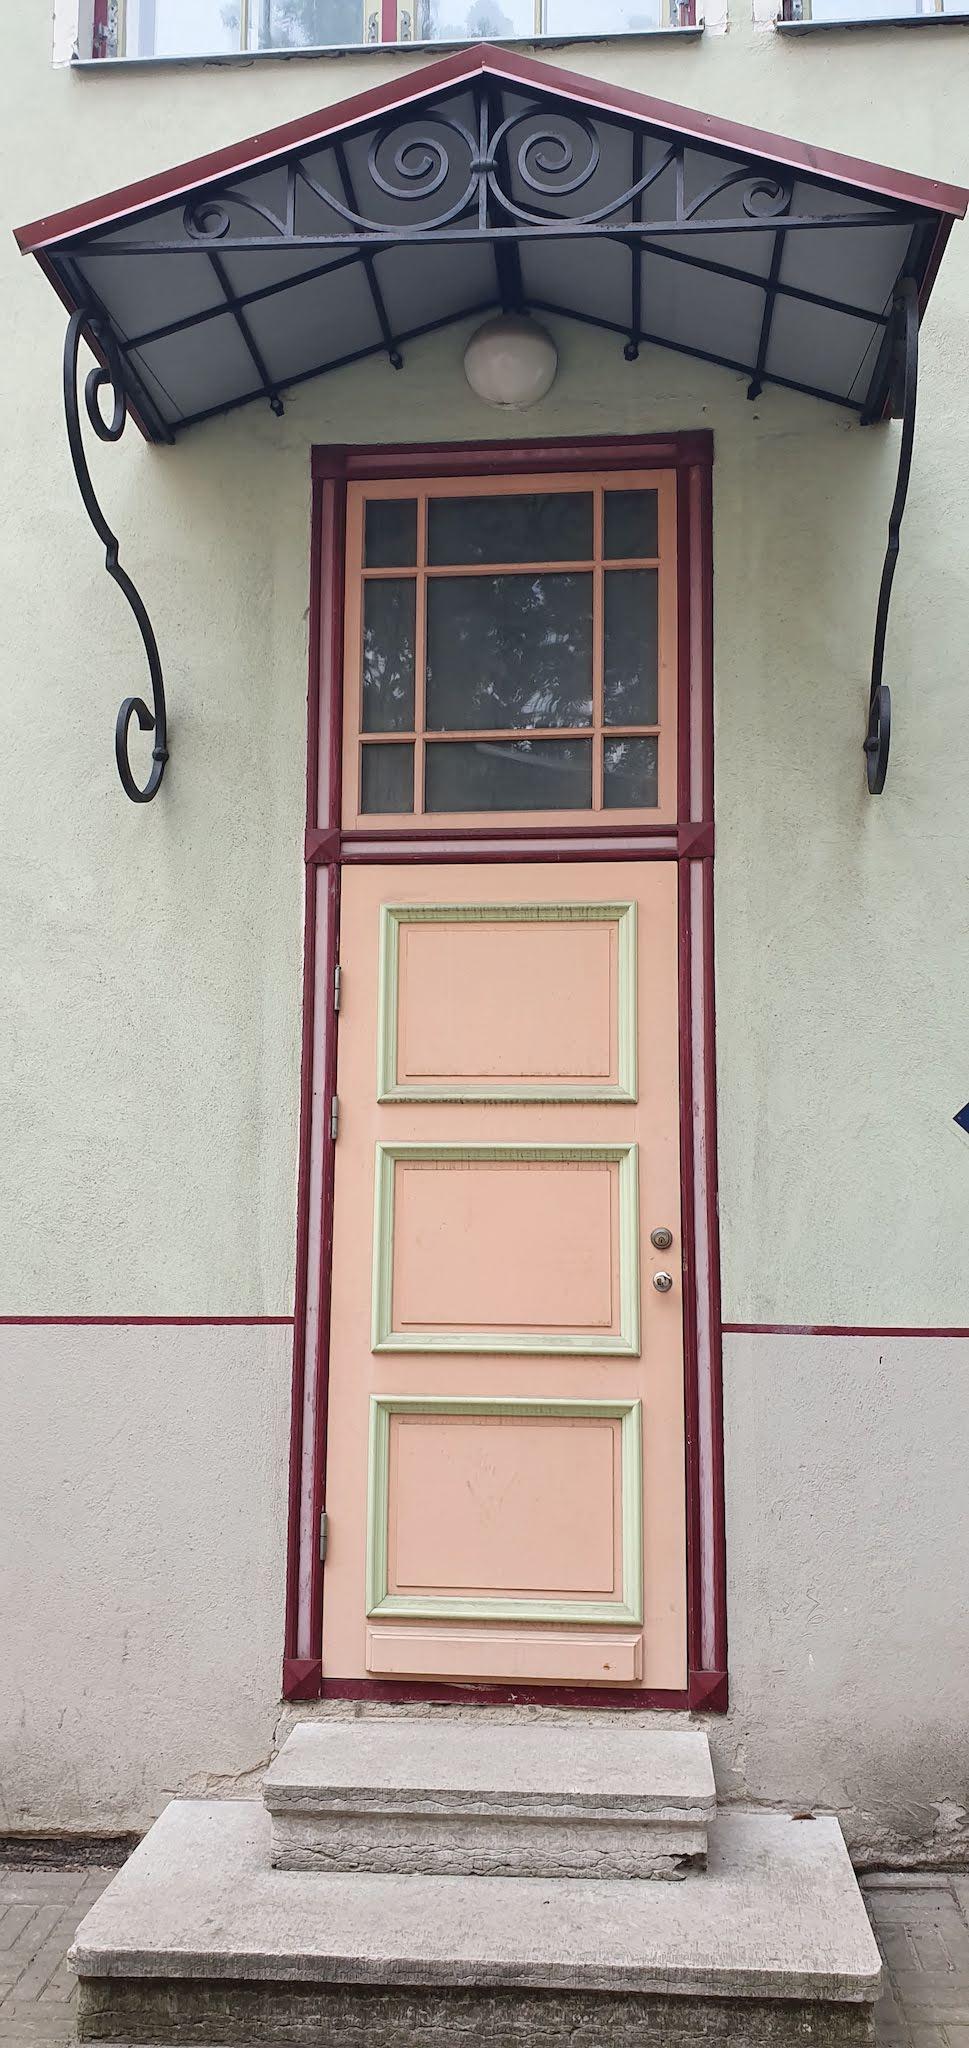 Las pintorescas puertas de Tallinn